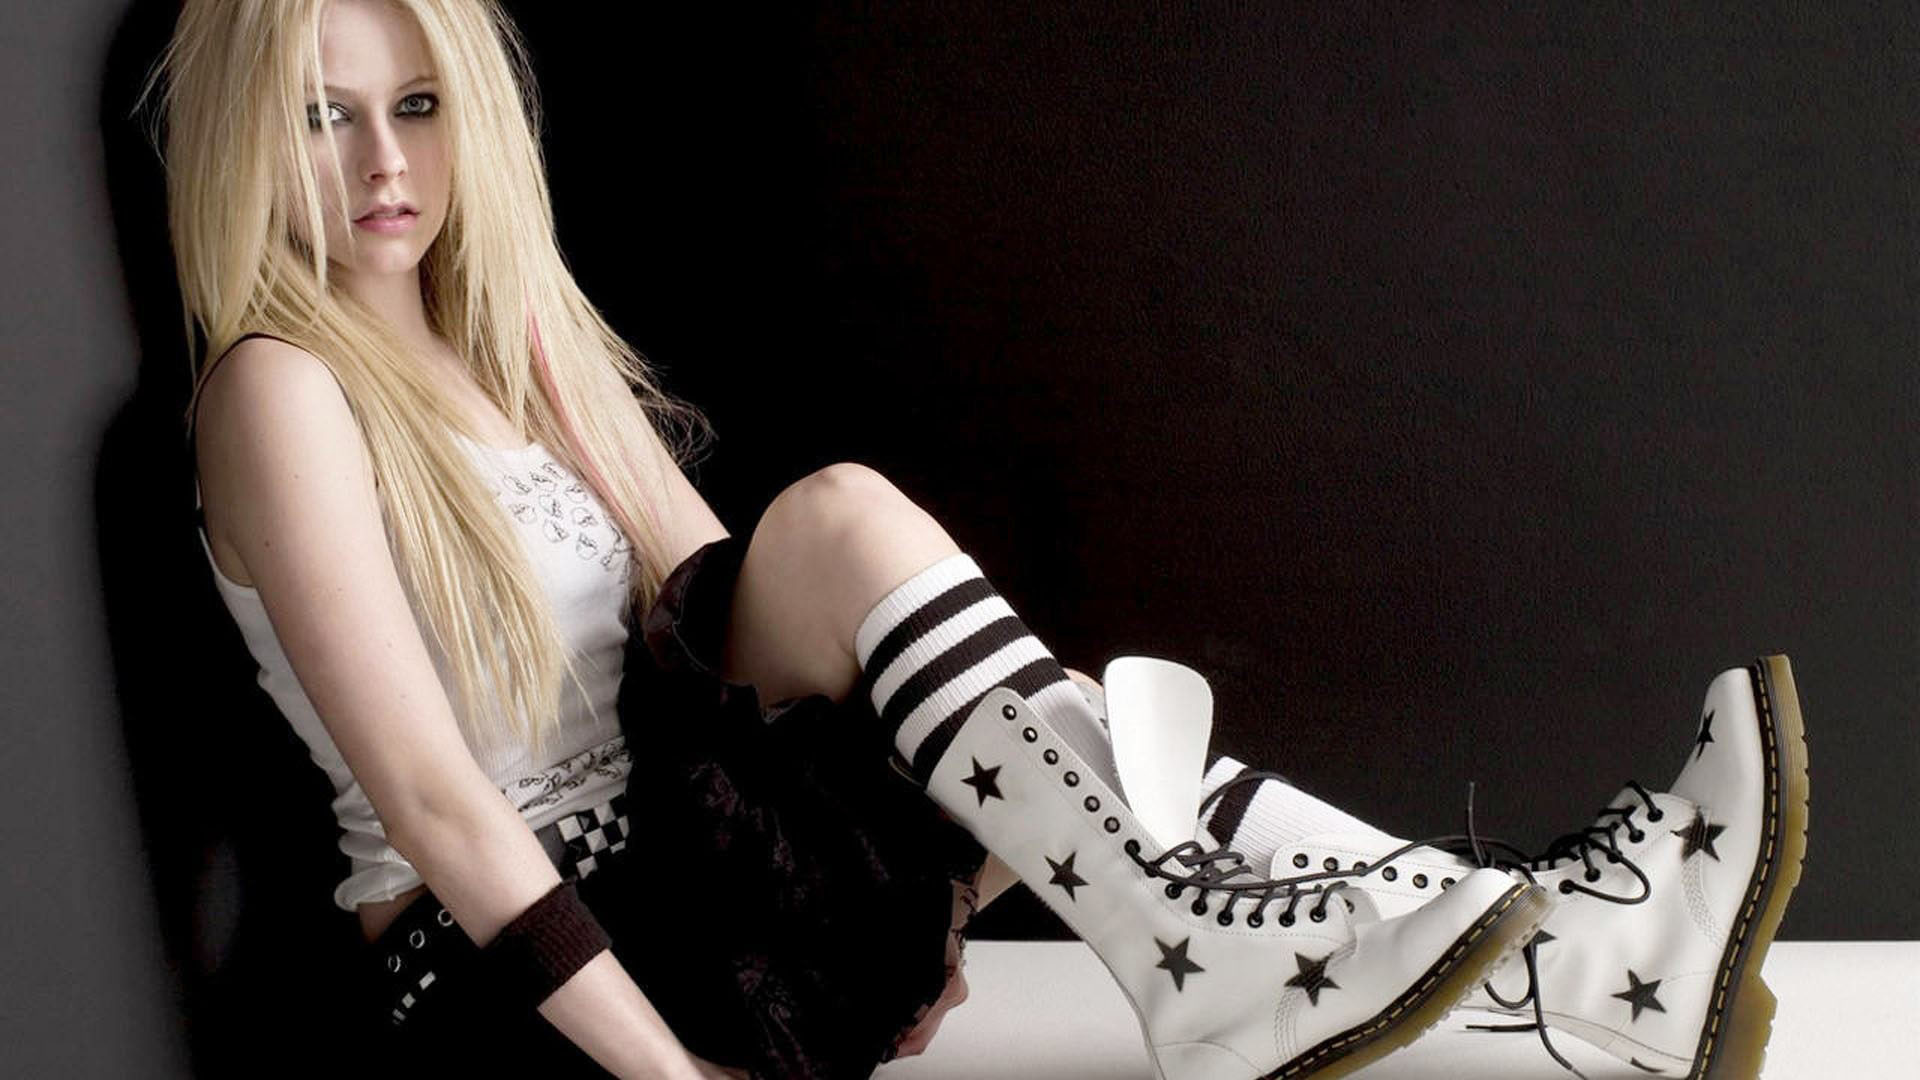 Avril Lavigne Punk Rock outfit wallpaper